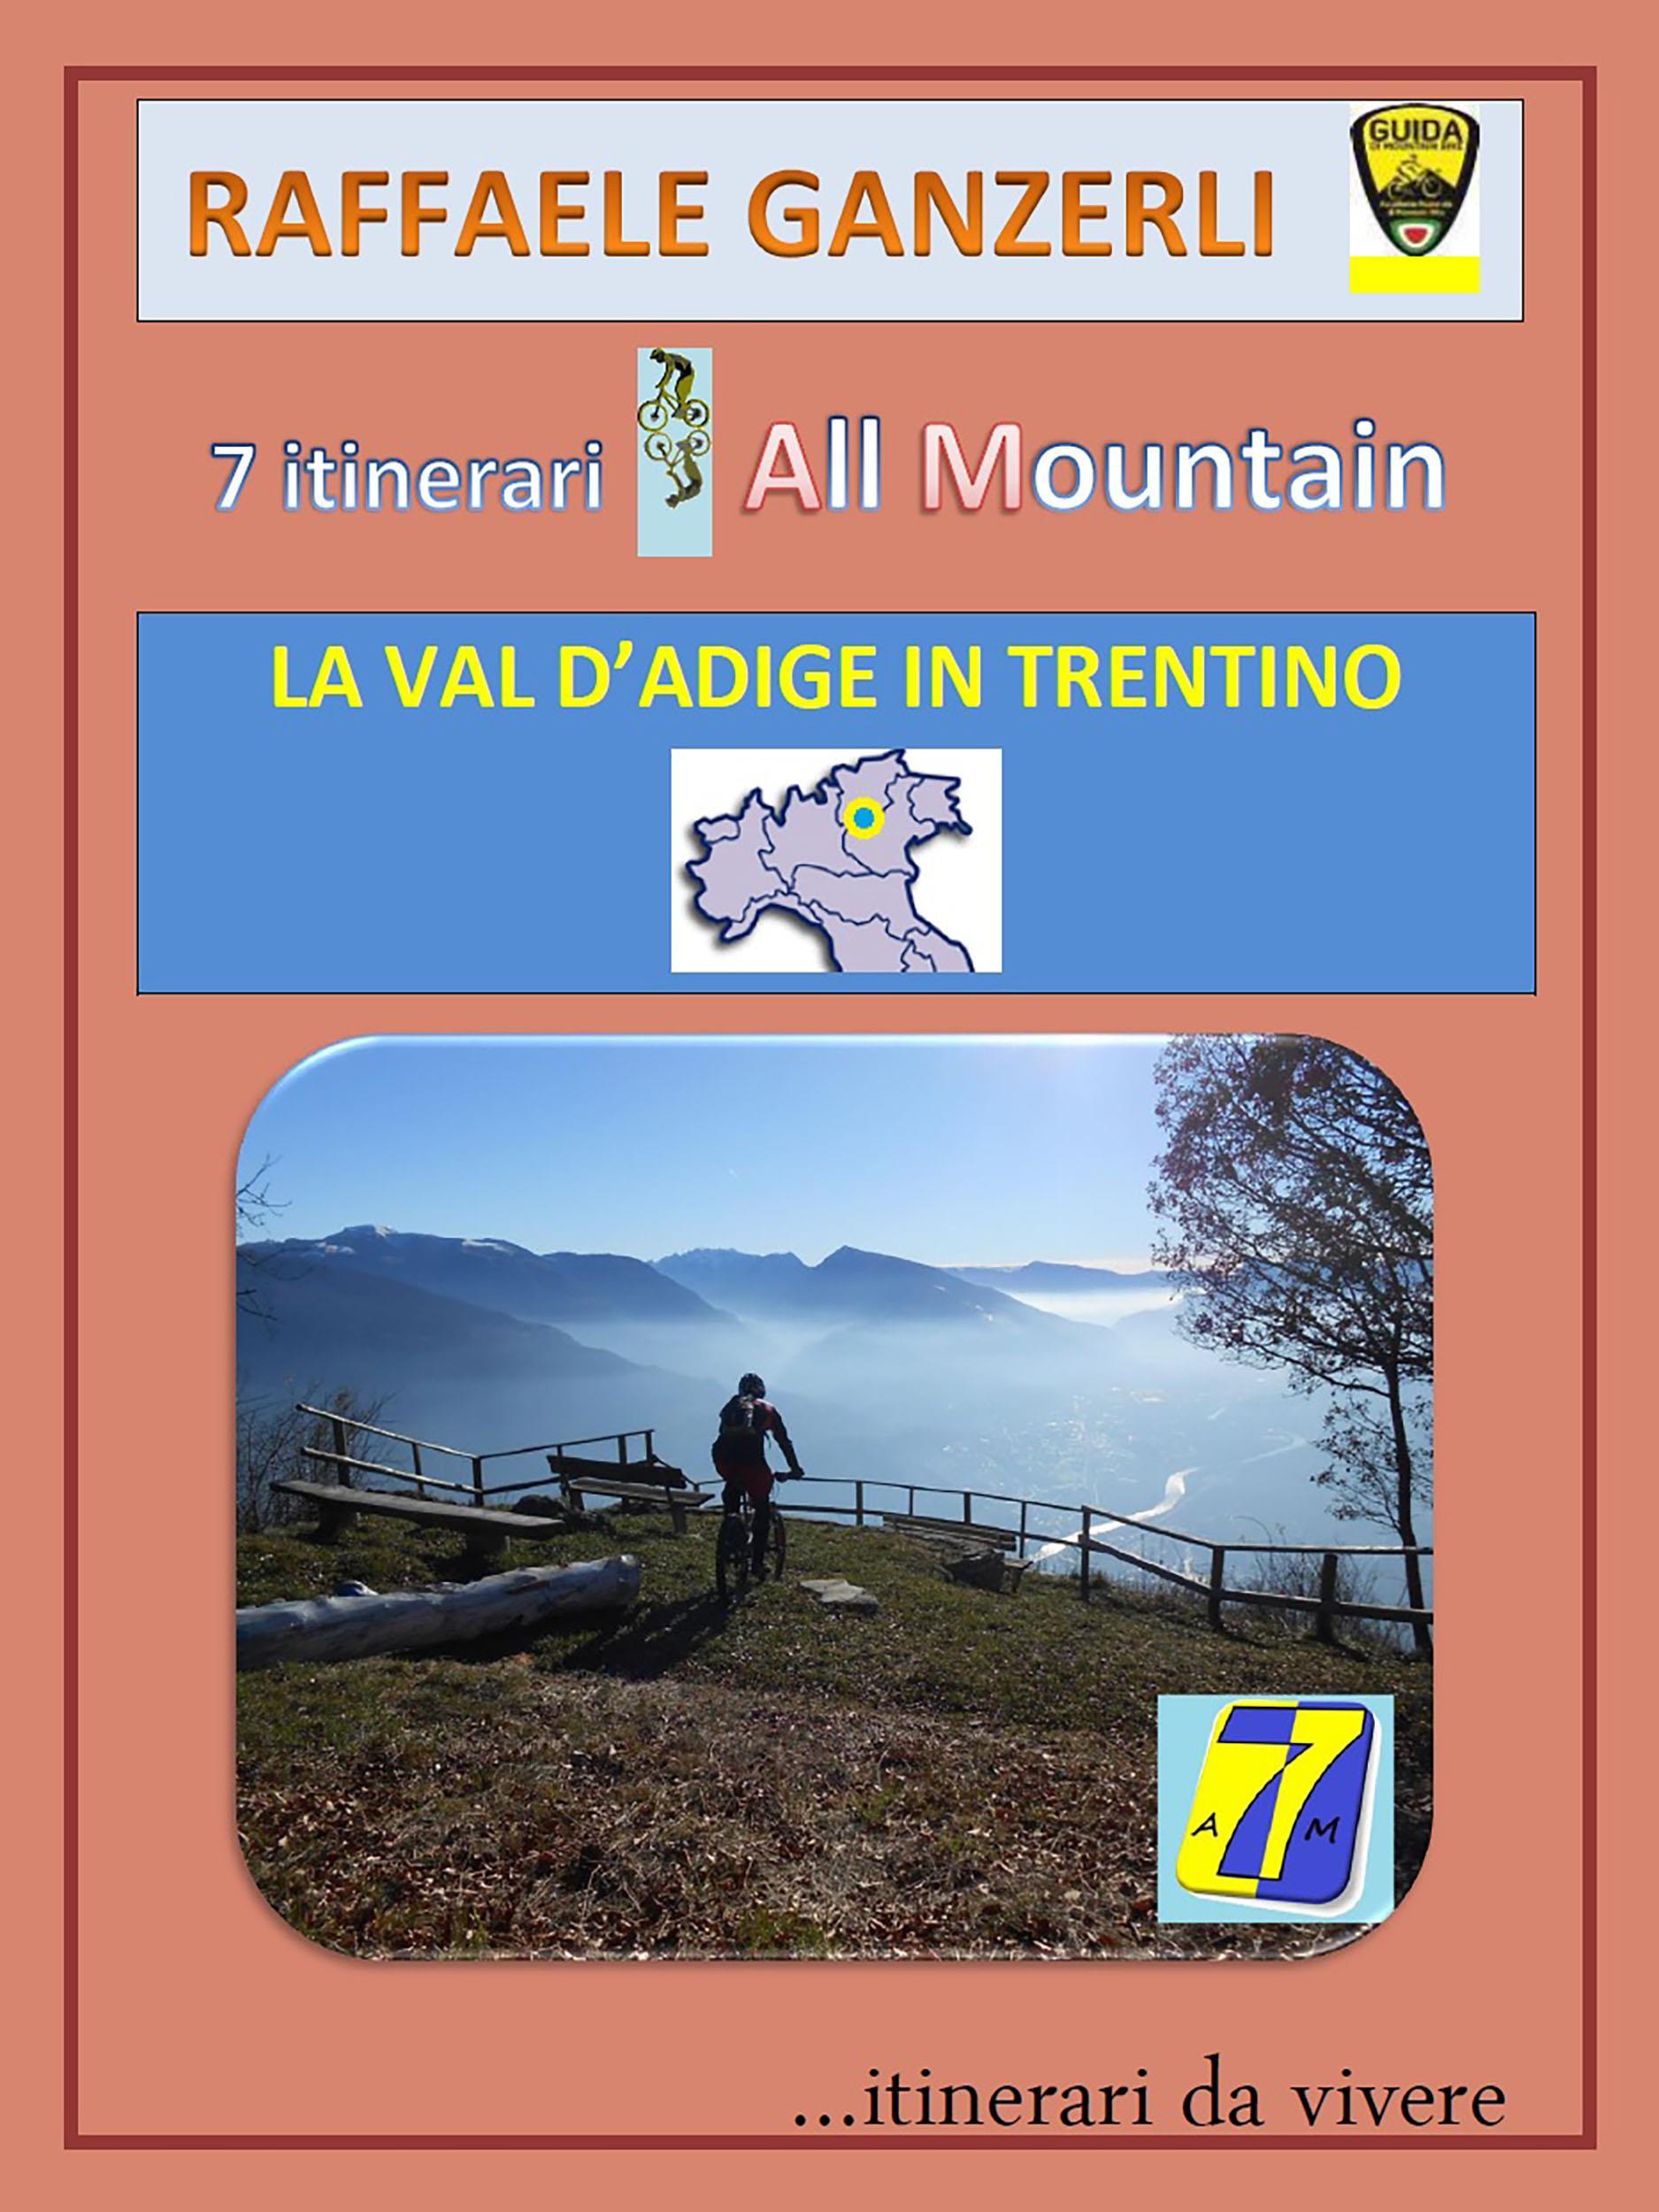 7AM 7 itinerari All Mountain - La Val d'Adige in Trentino